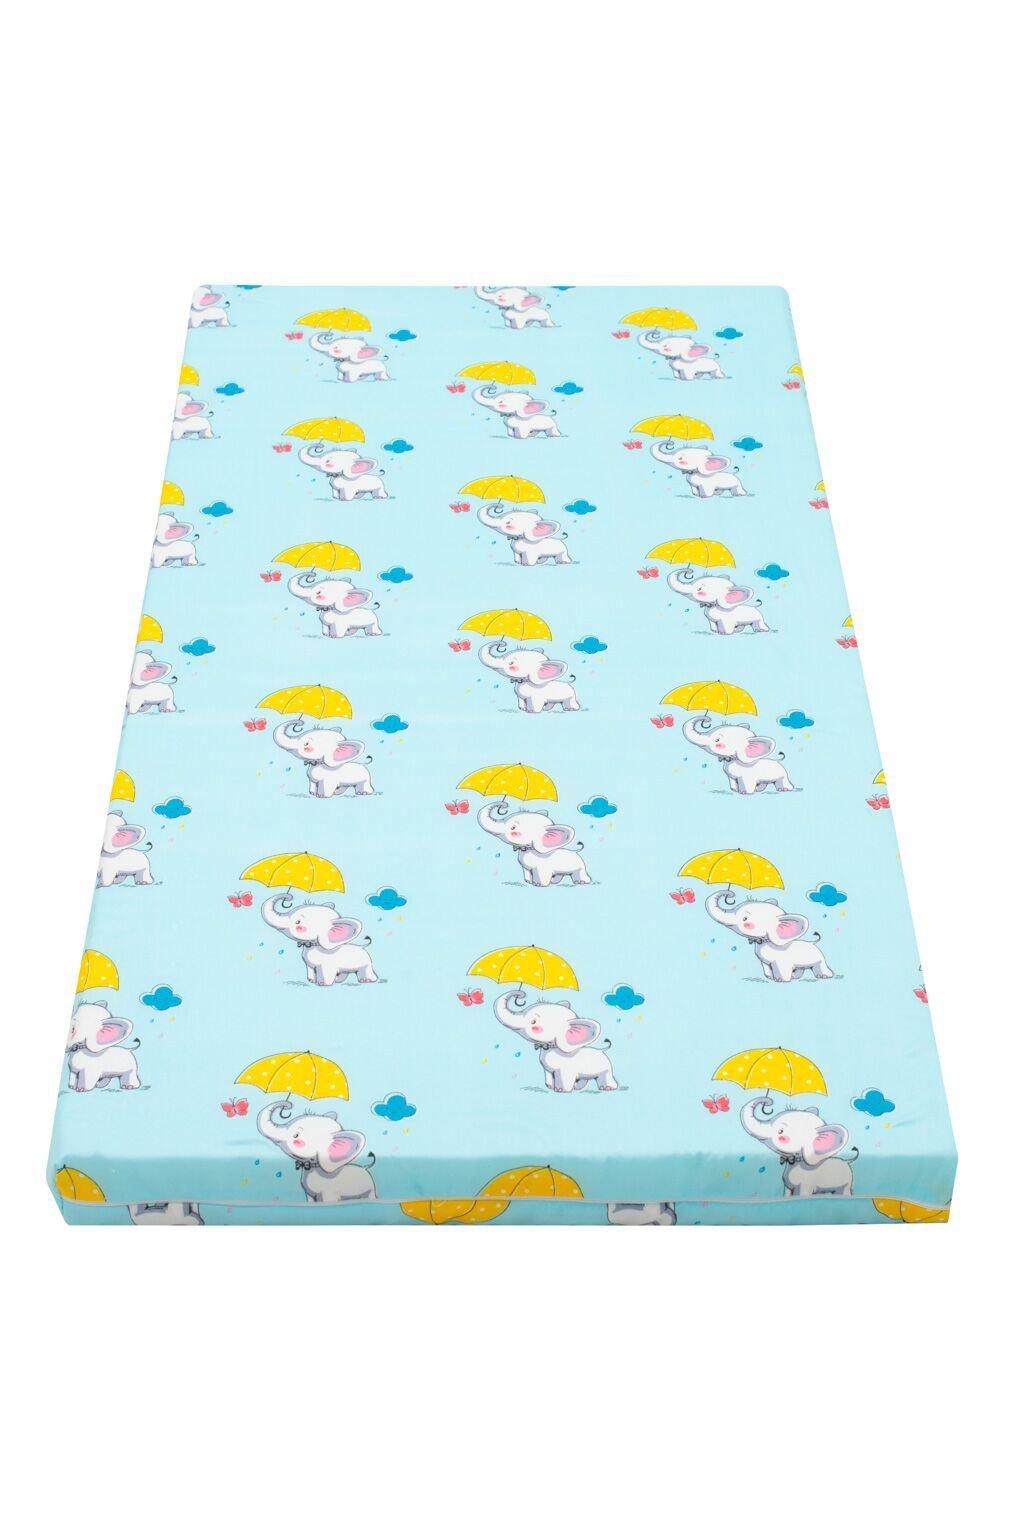 Detský matrac New Baby 120x60 molitan-kokos modrý rôzne obrázky